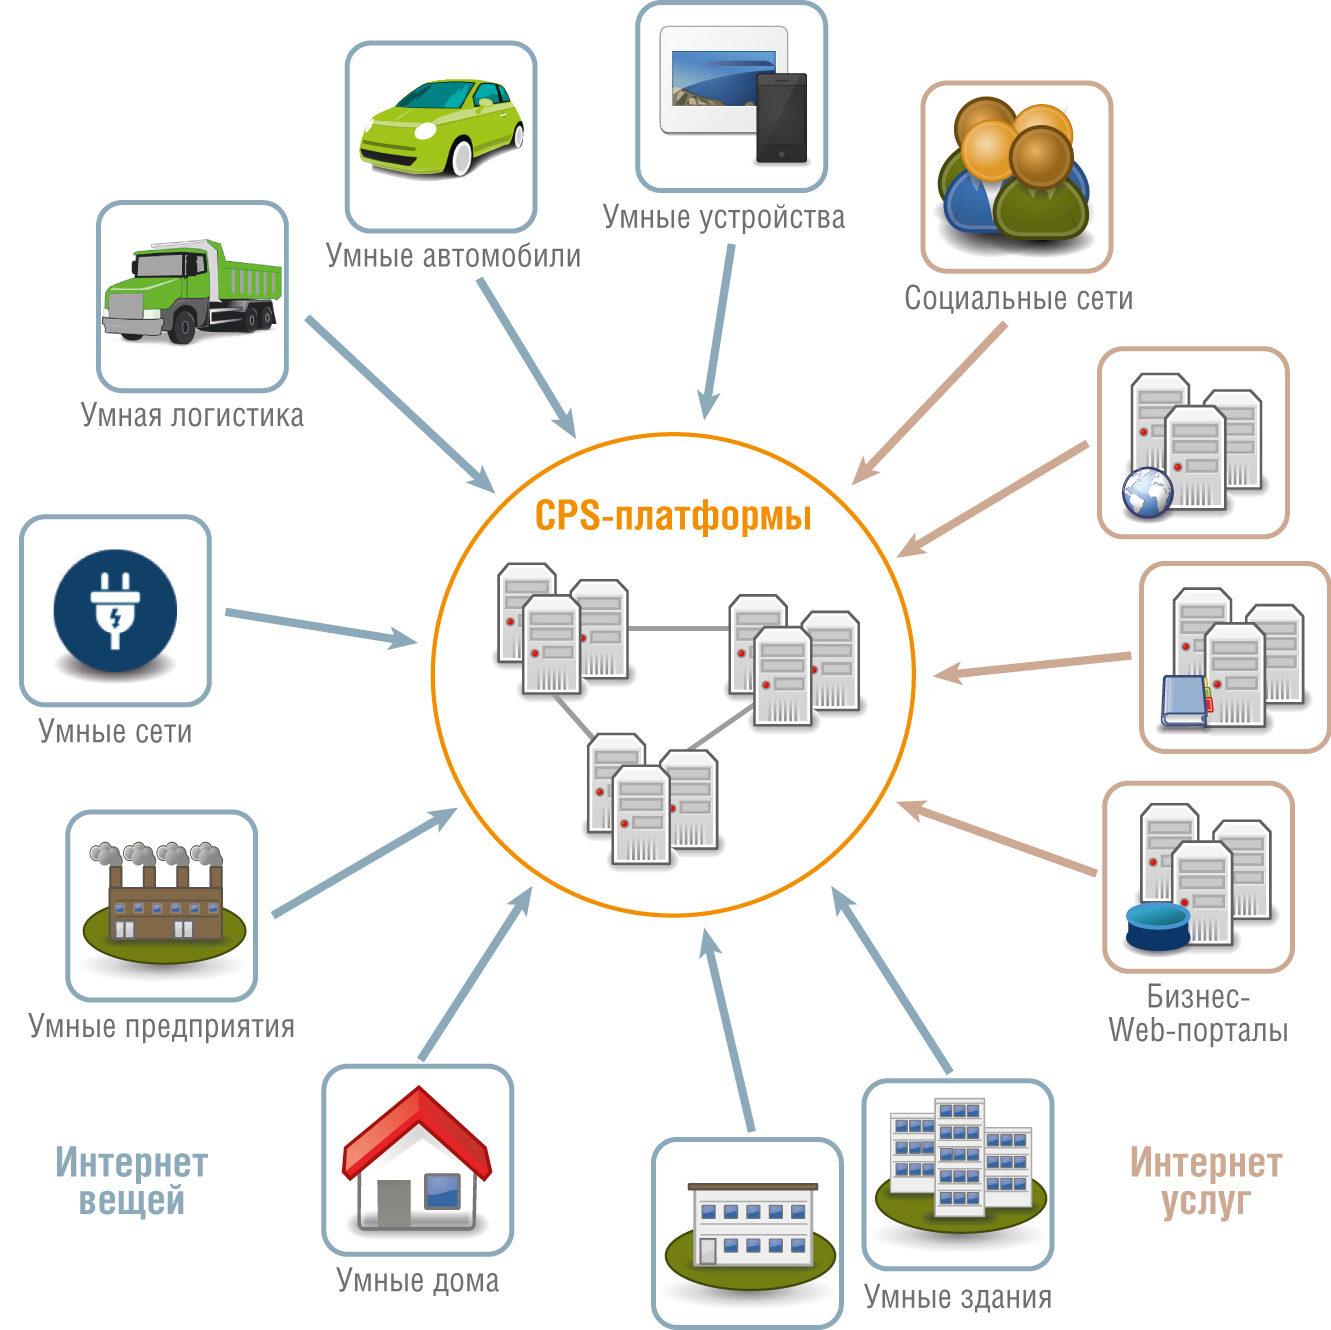 CPS-платформы и взаимные связи между интеллектуальными интернет-объектами